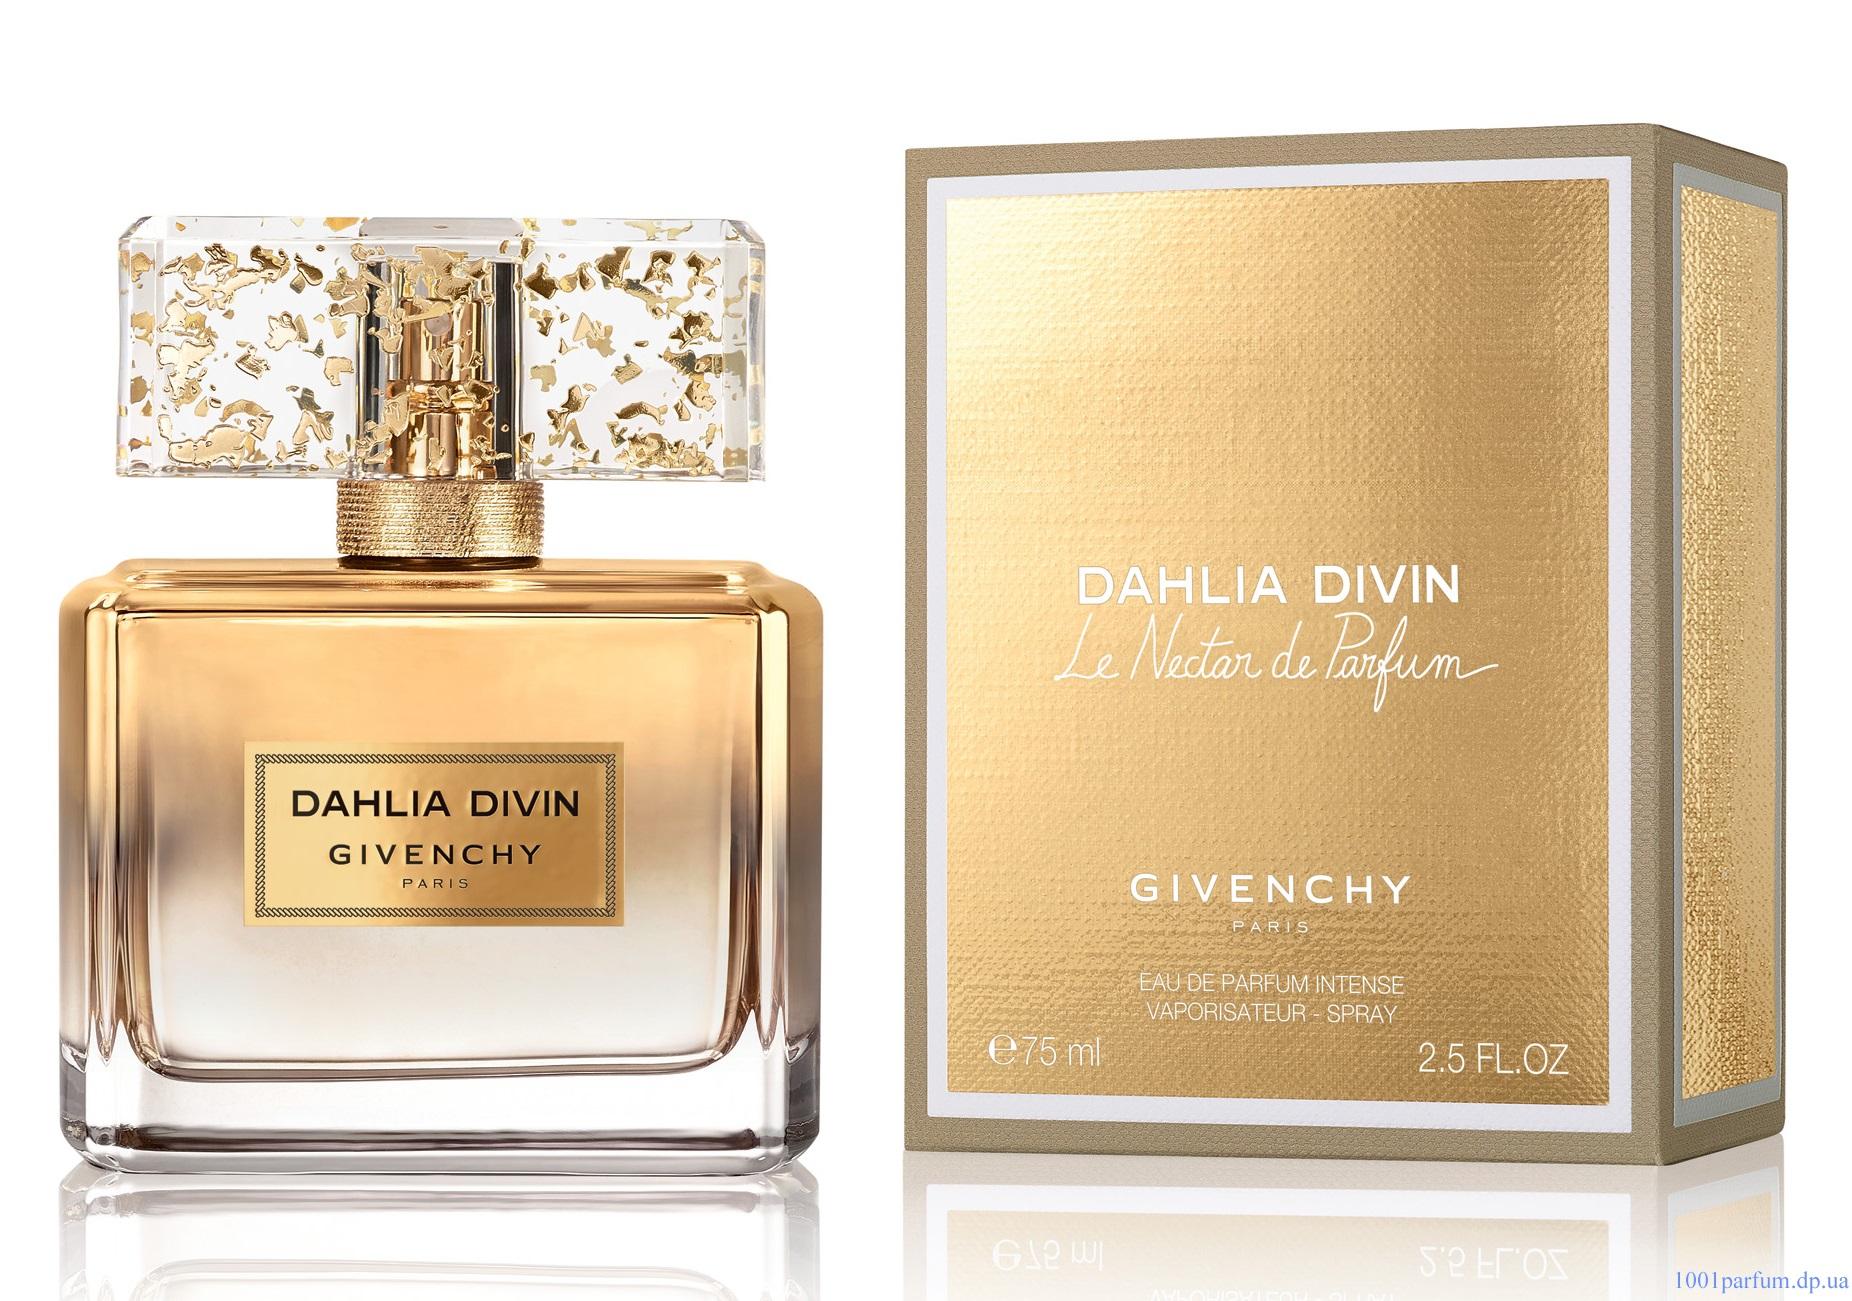 Salon De Jardin Miami Inspirant Dahlia Divin Le Nectar De Parfum Givenchy